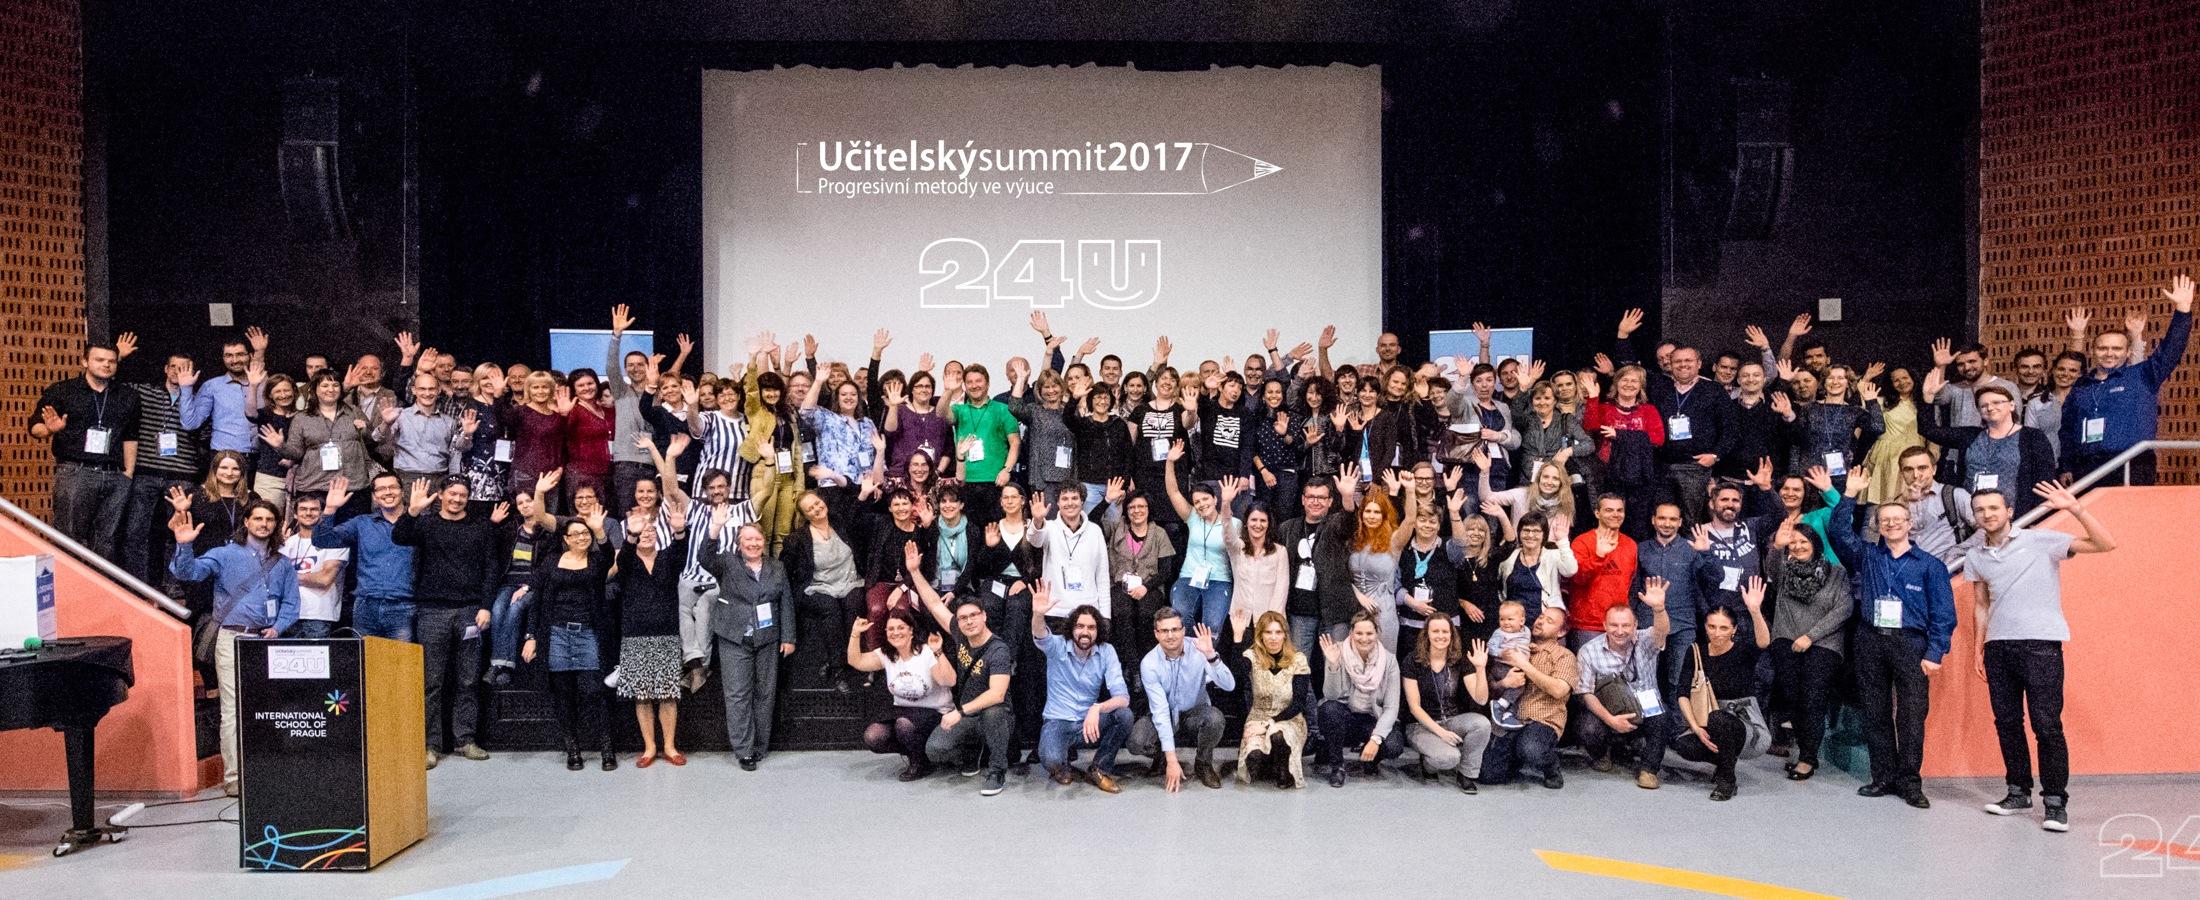 Společná fotografie účastníků Učitelského summitu 2017